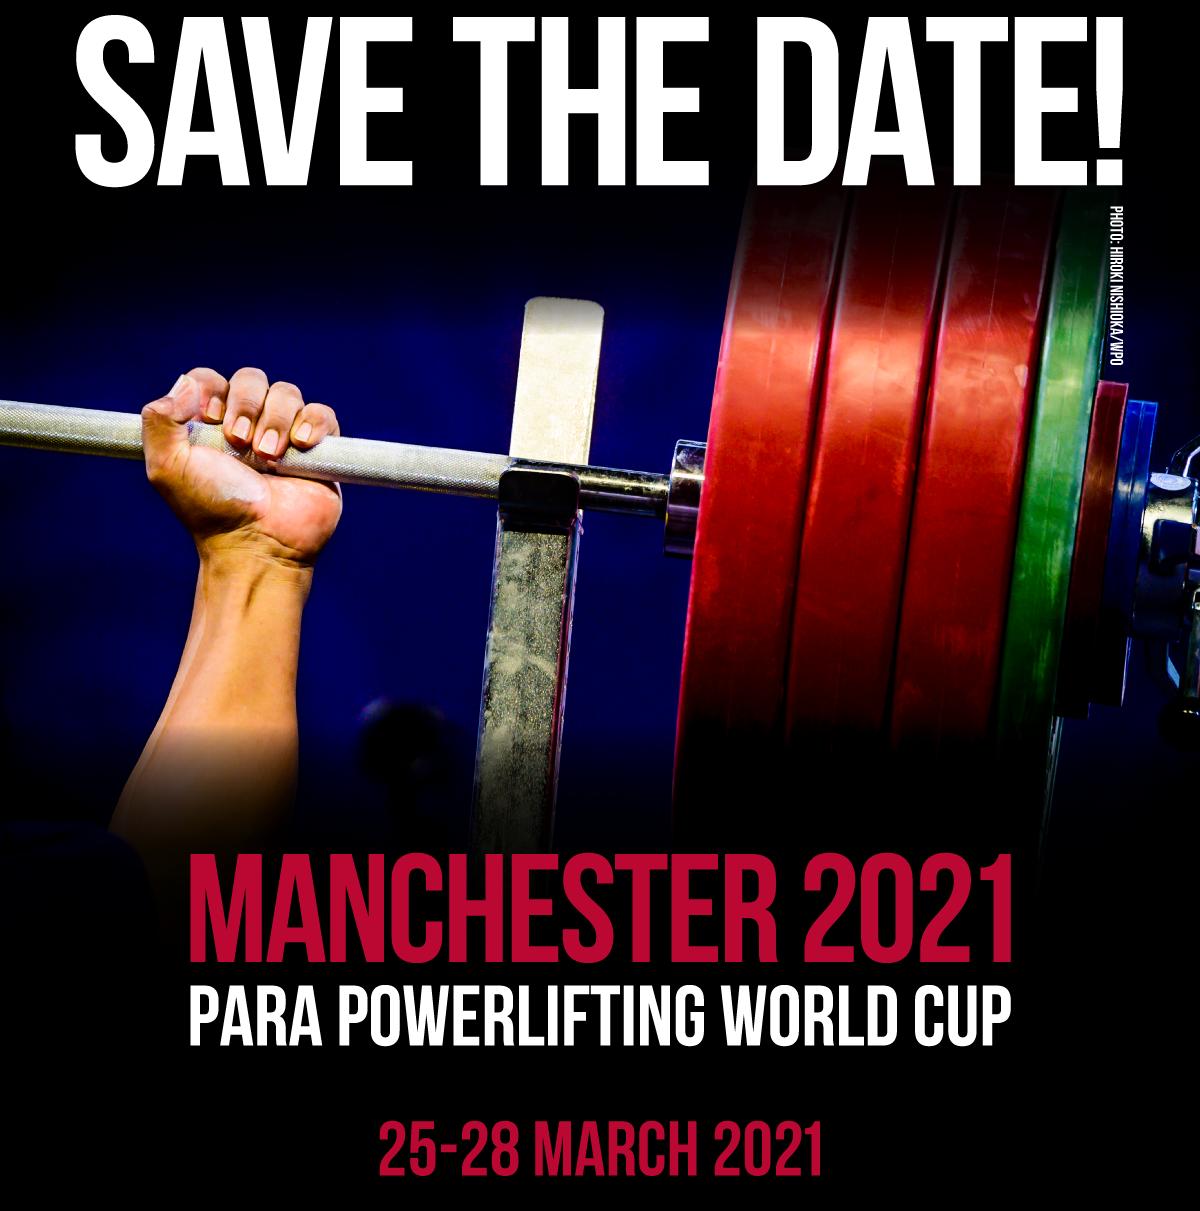 Кубок мира по пара пауэрлифтингу в Манчестере по предварительной информации состоится с 25 по 28 марта 2021 года